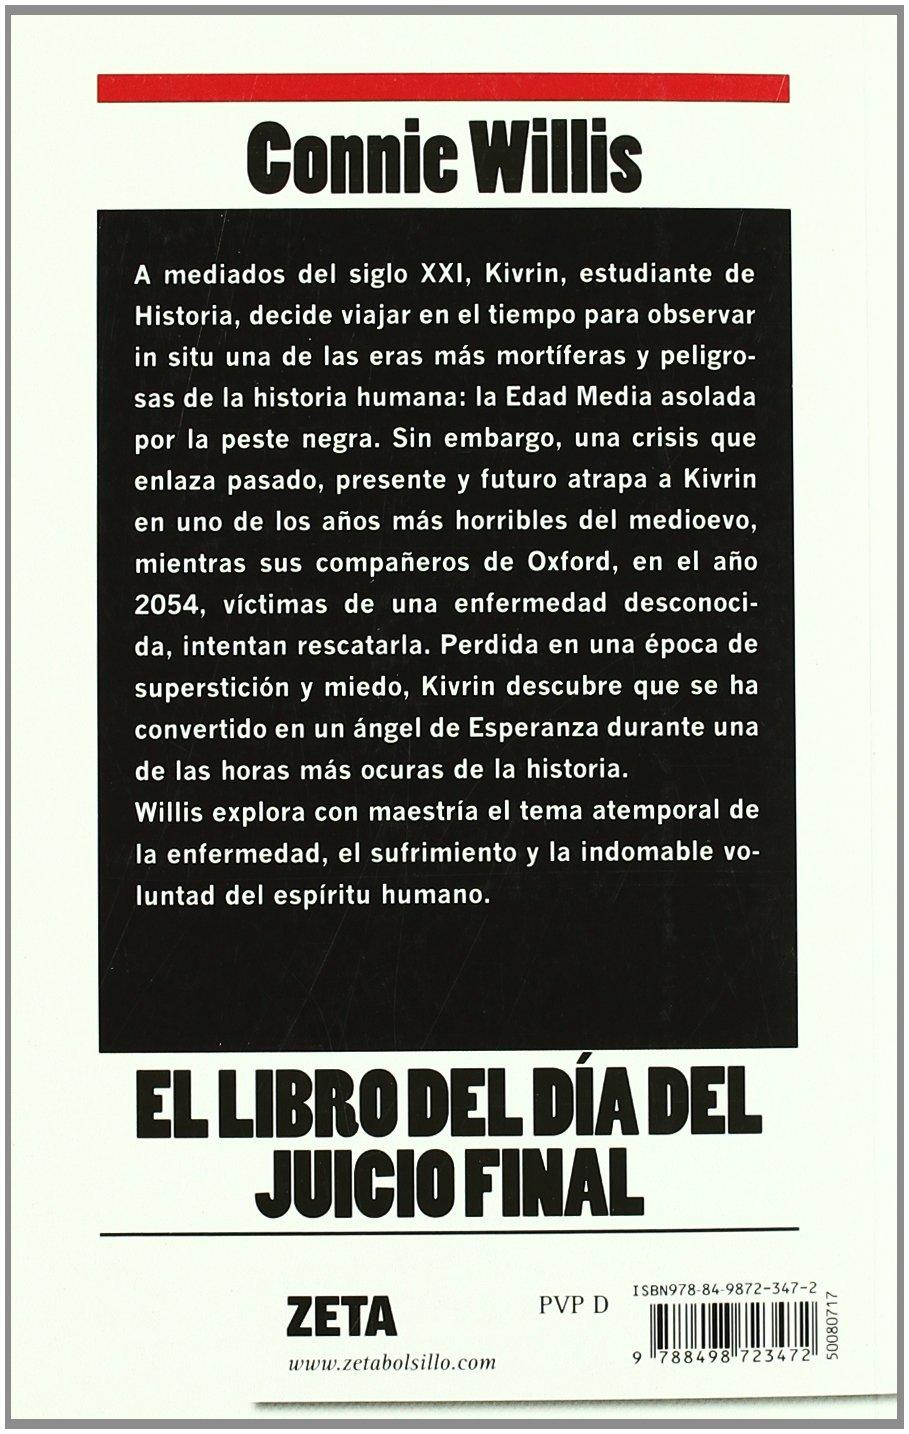 EL LIBRO DEL DIA DEL JUICIO FINAL: PREMIO NEBULA 1992 - PREMIOS HUGO Y  LOCUS 1993 Zeta: Amazon.es: Connie Willis: Libros